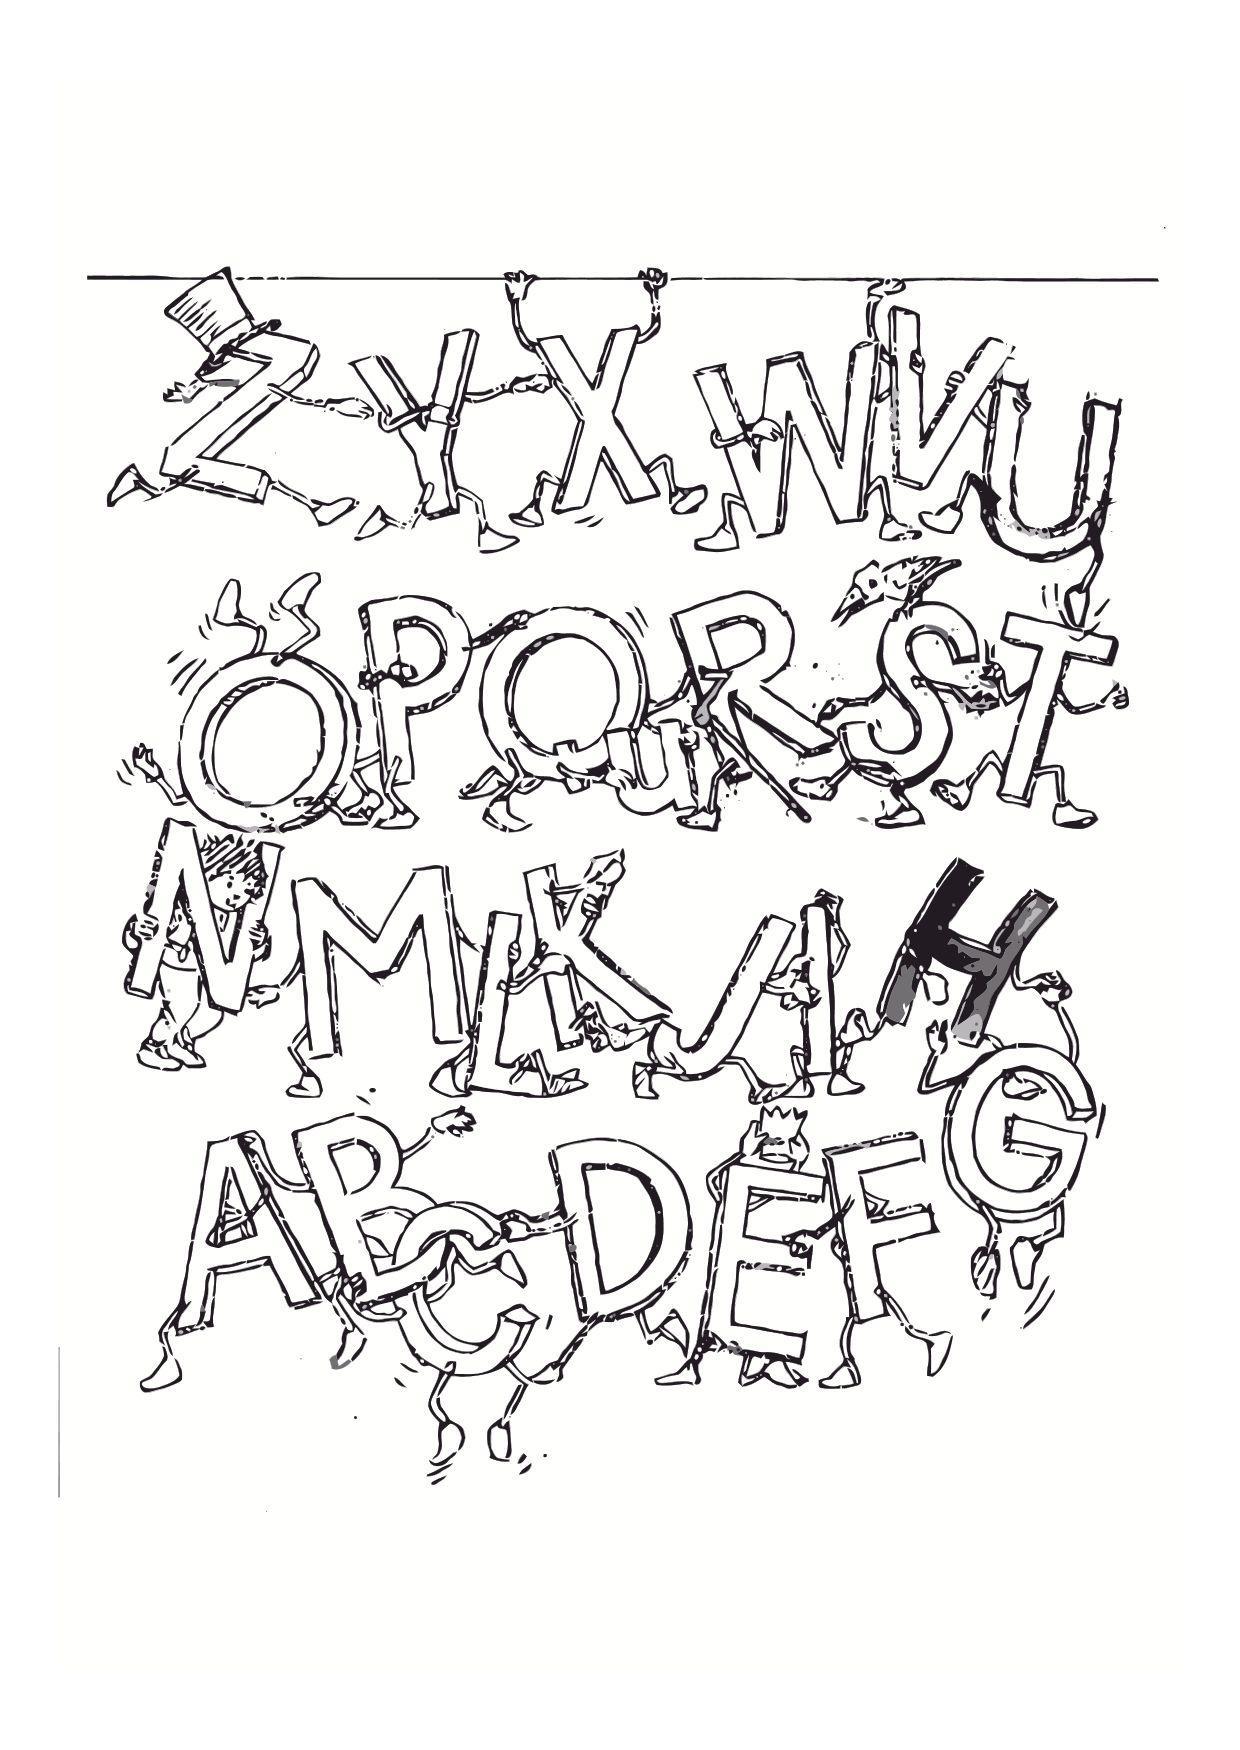 Un drôle d'alphabet avec personnages à imprimer et colorier